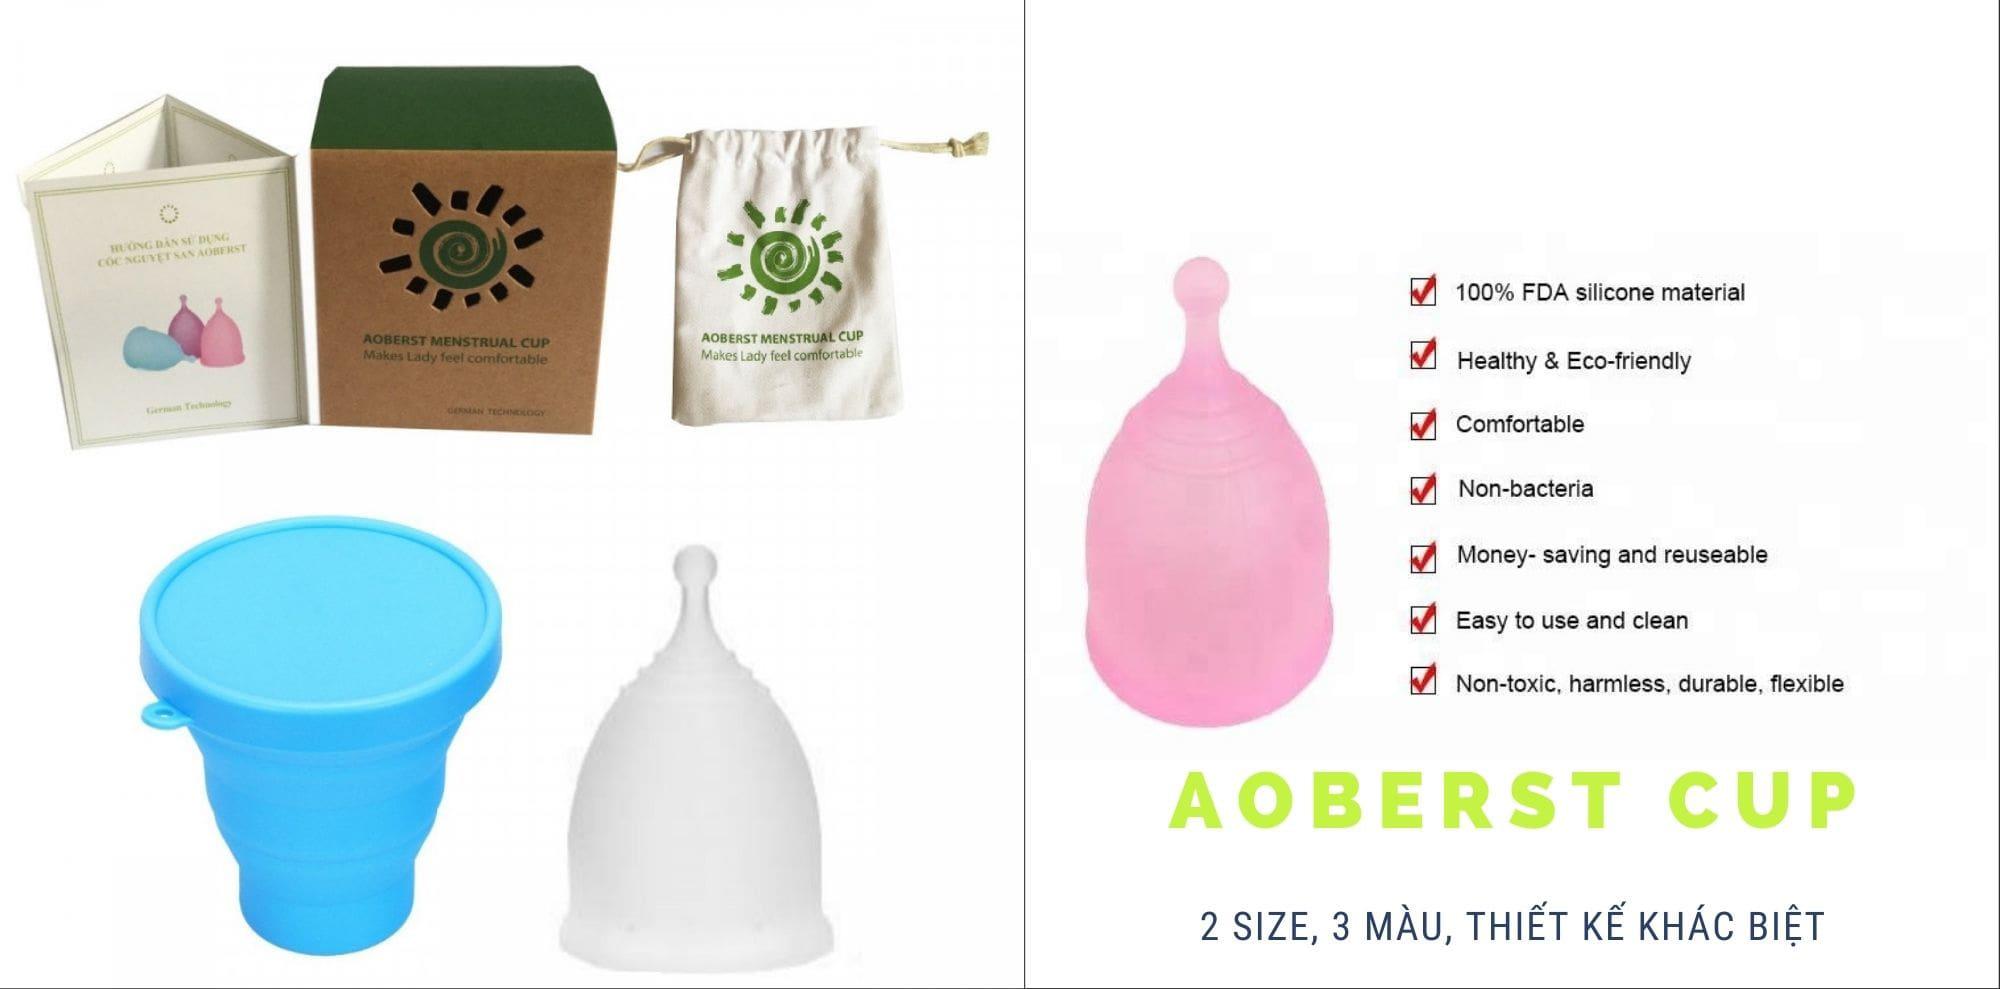 Cốc nguyệt san Aoberst - 2 size 3 màu, thiết kế khác biệt